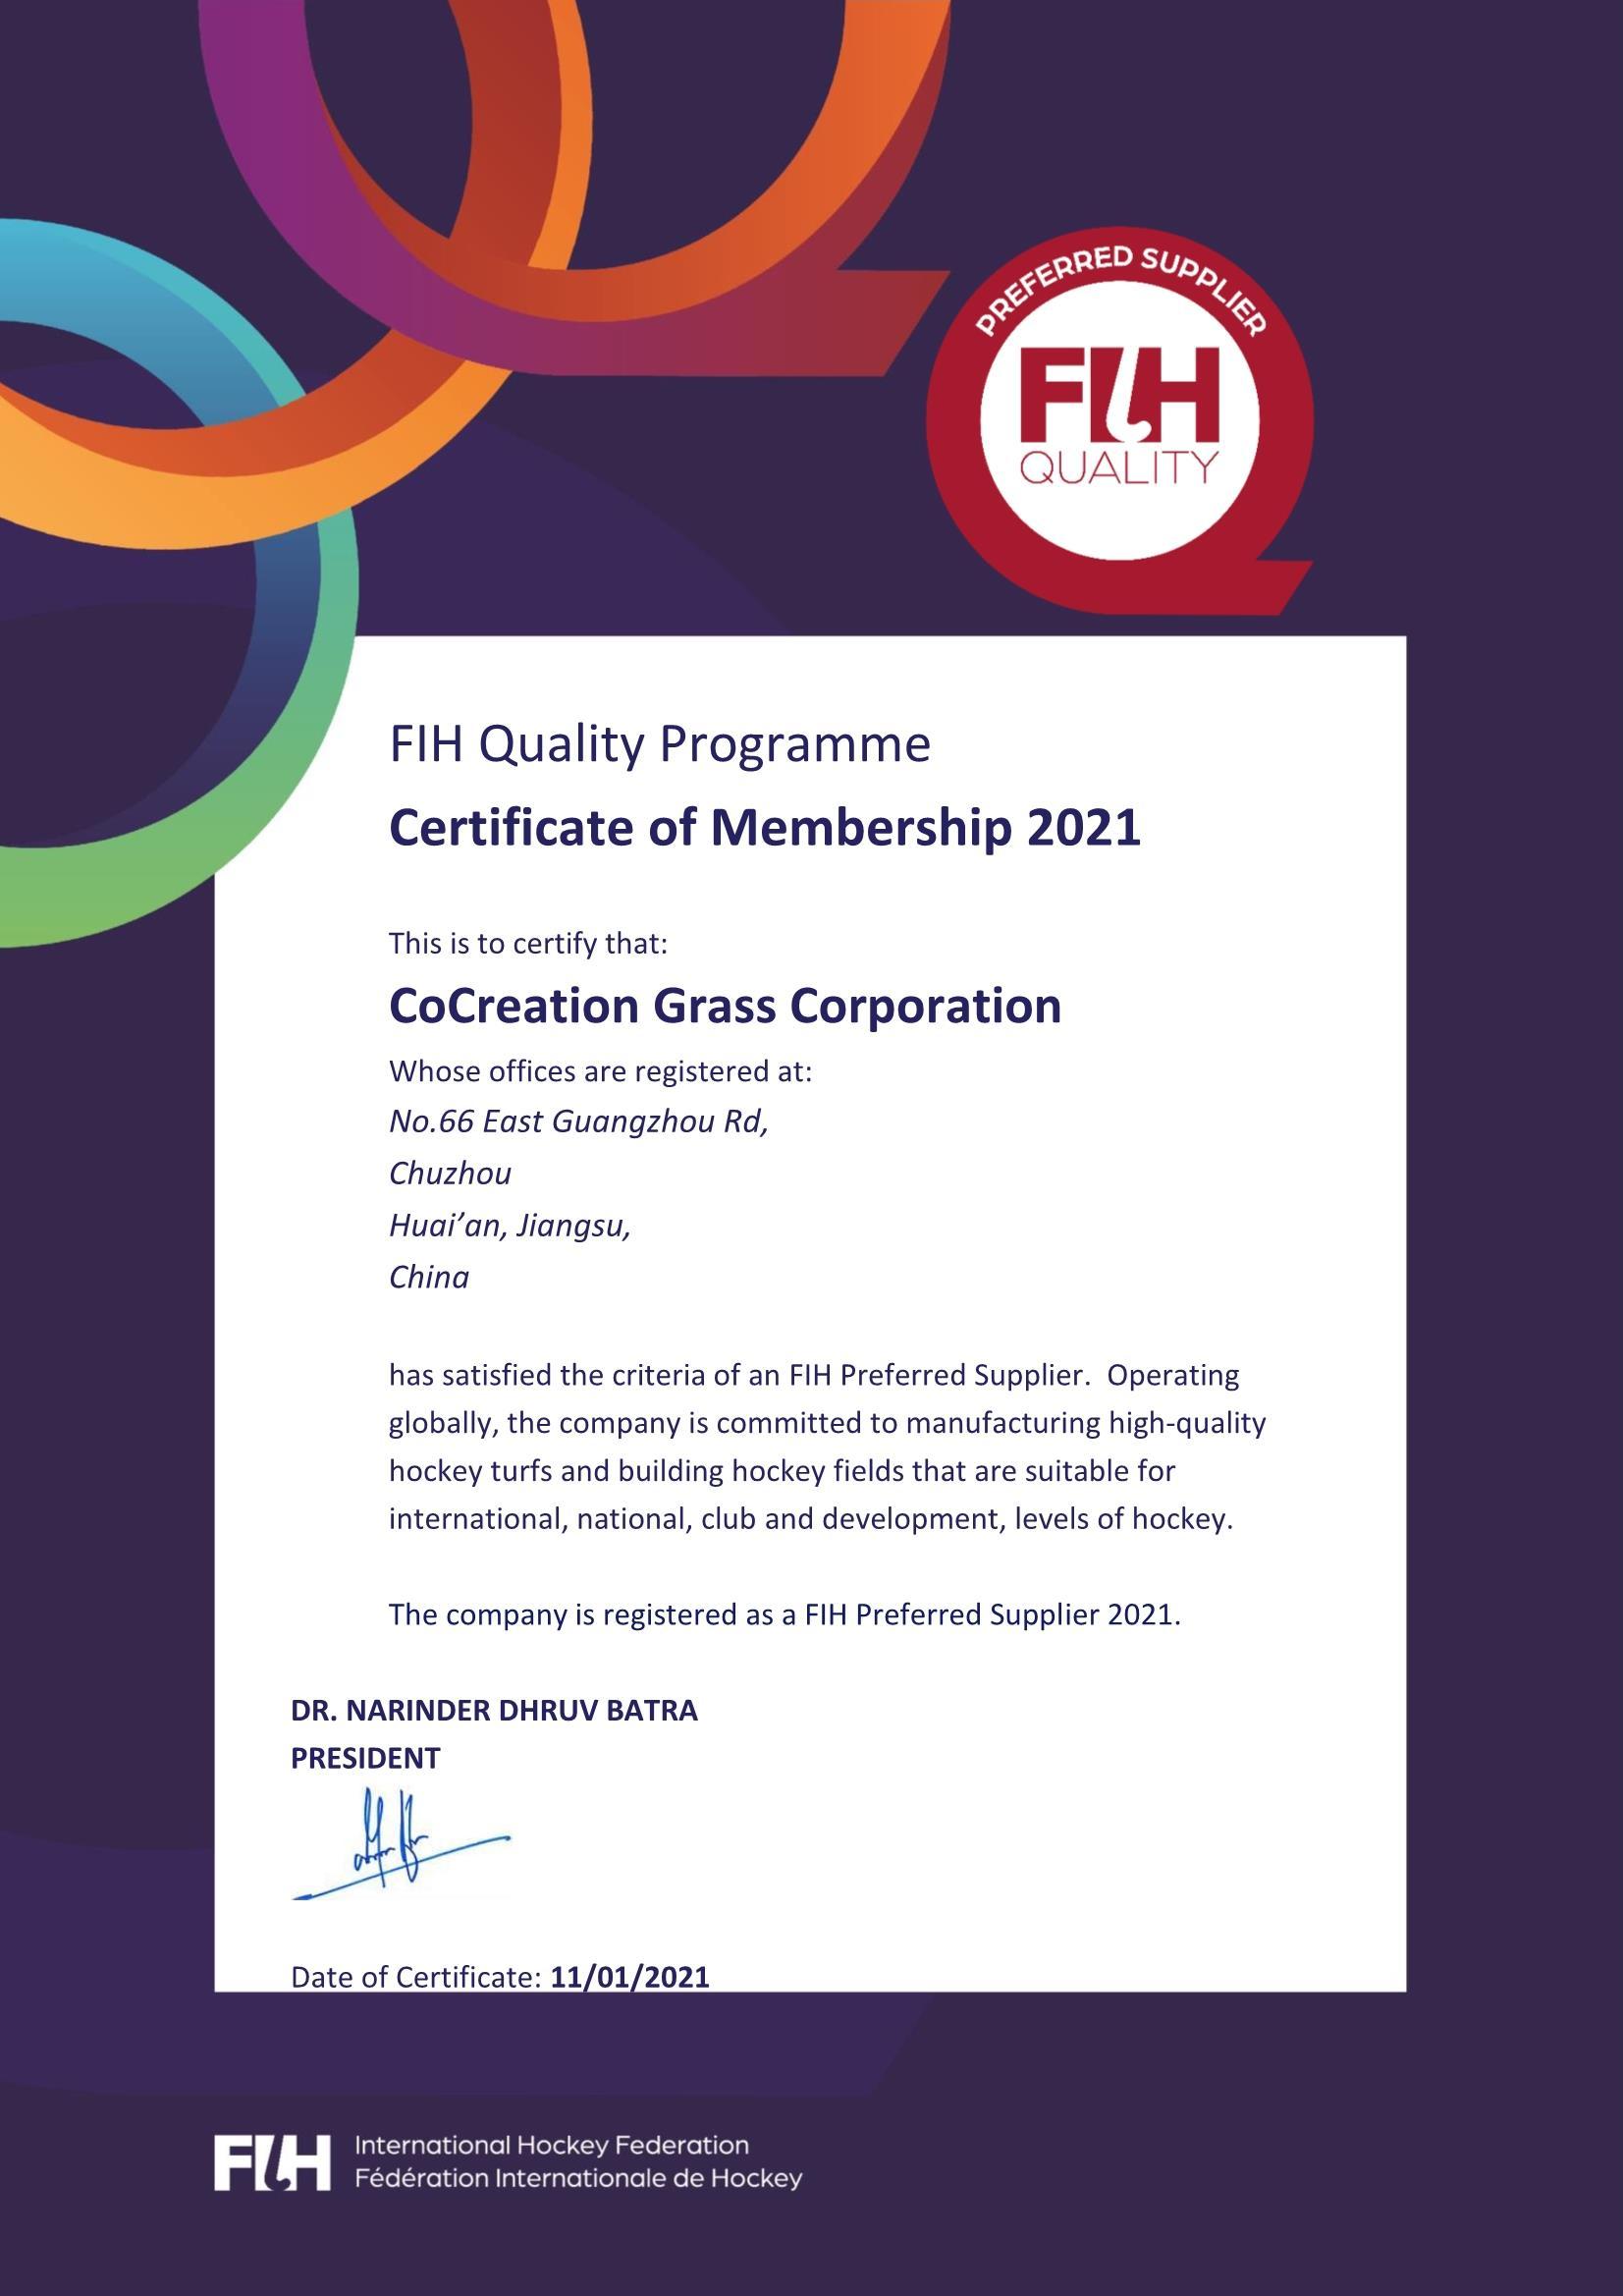 CCGrass, FIH Preferred Supplier